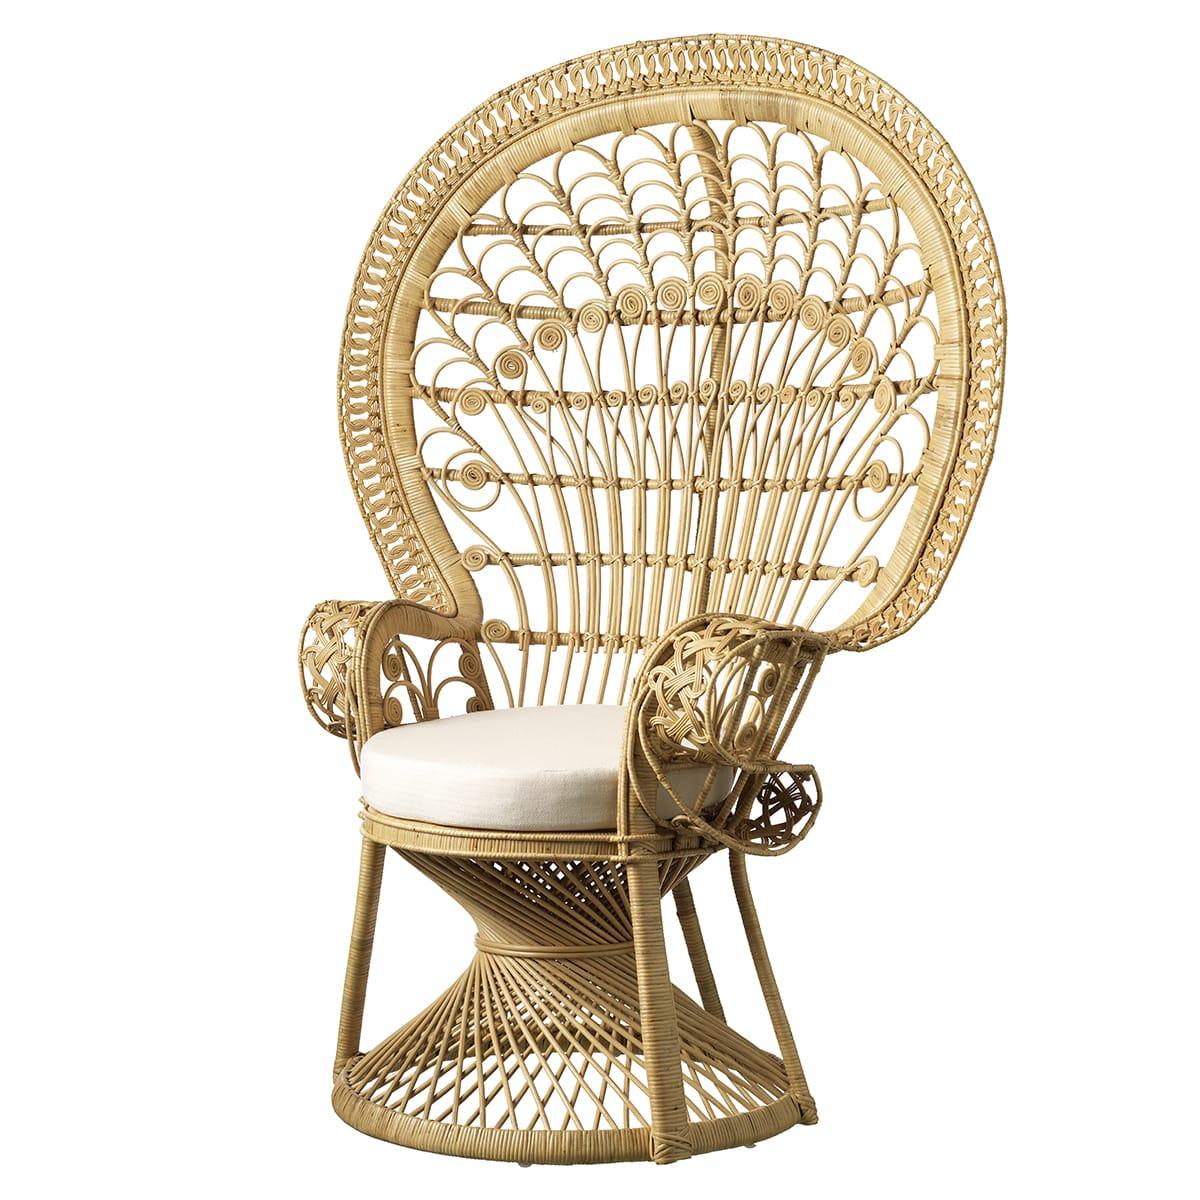 Inkl. siddepude - Lavet i dekorativt rattan